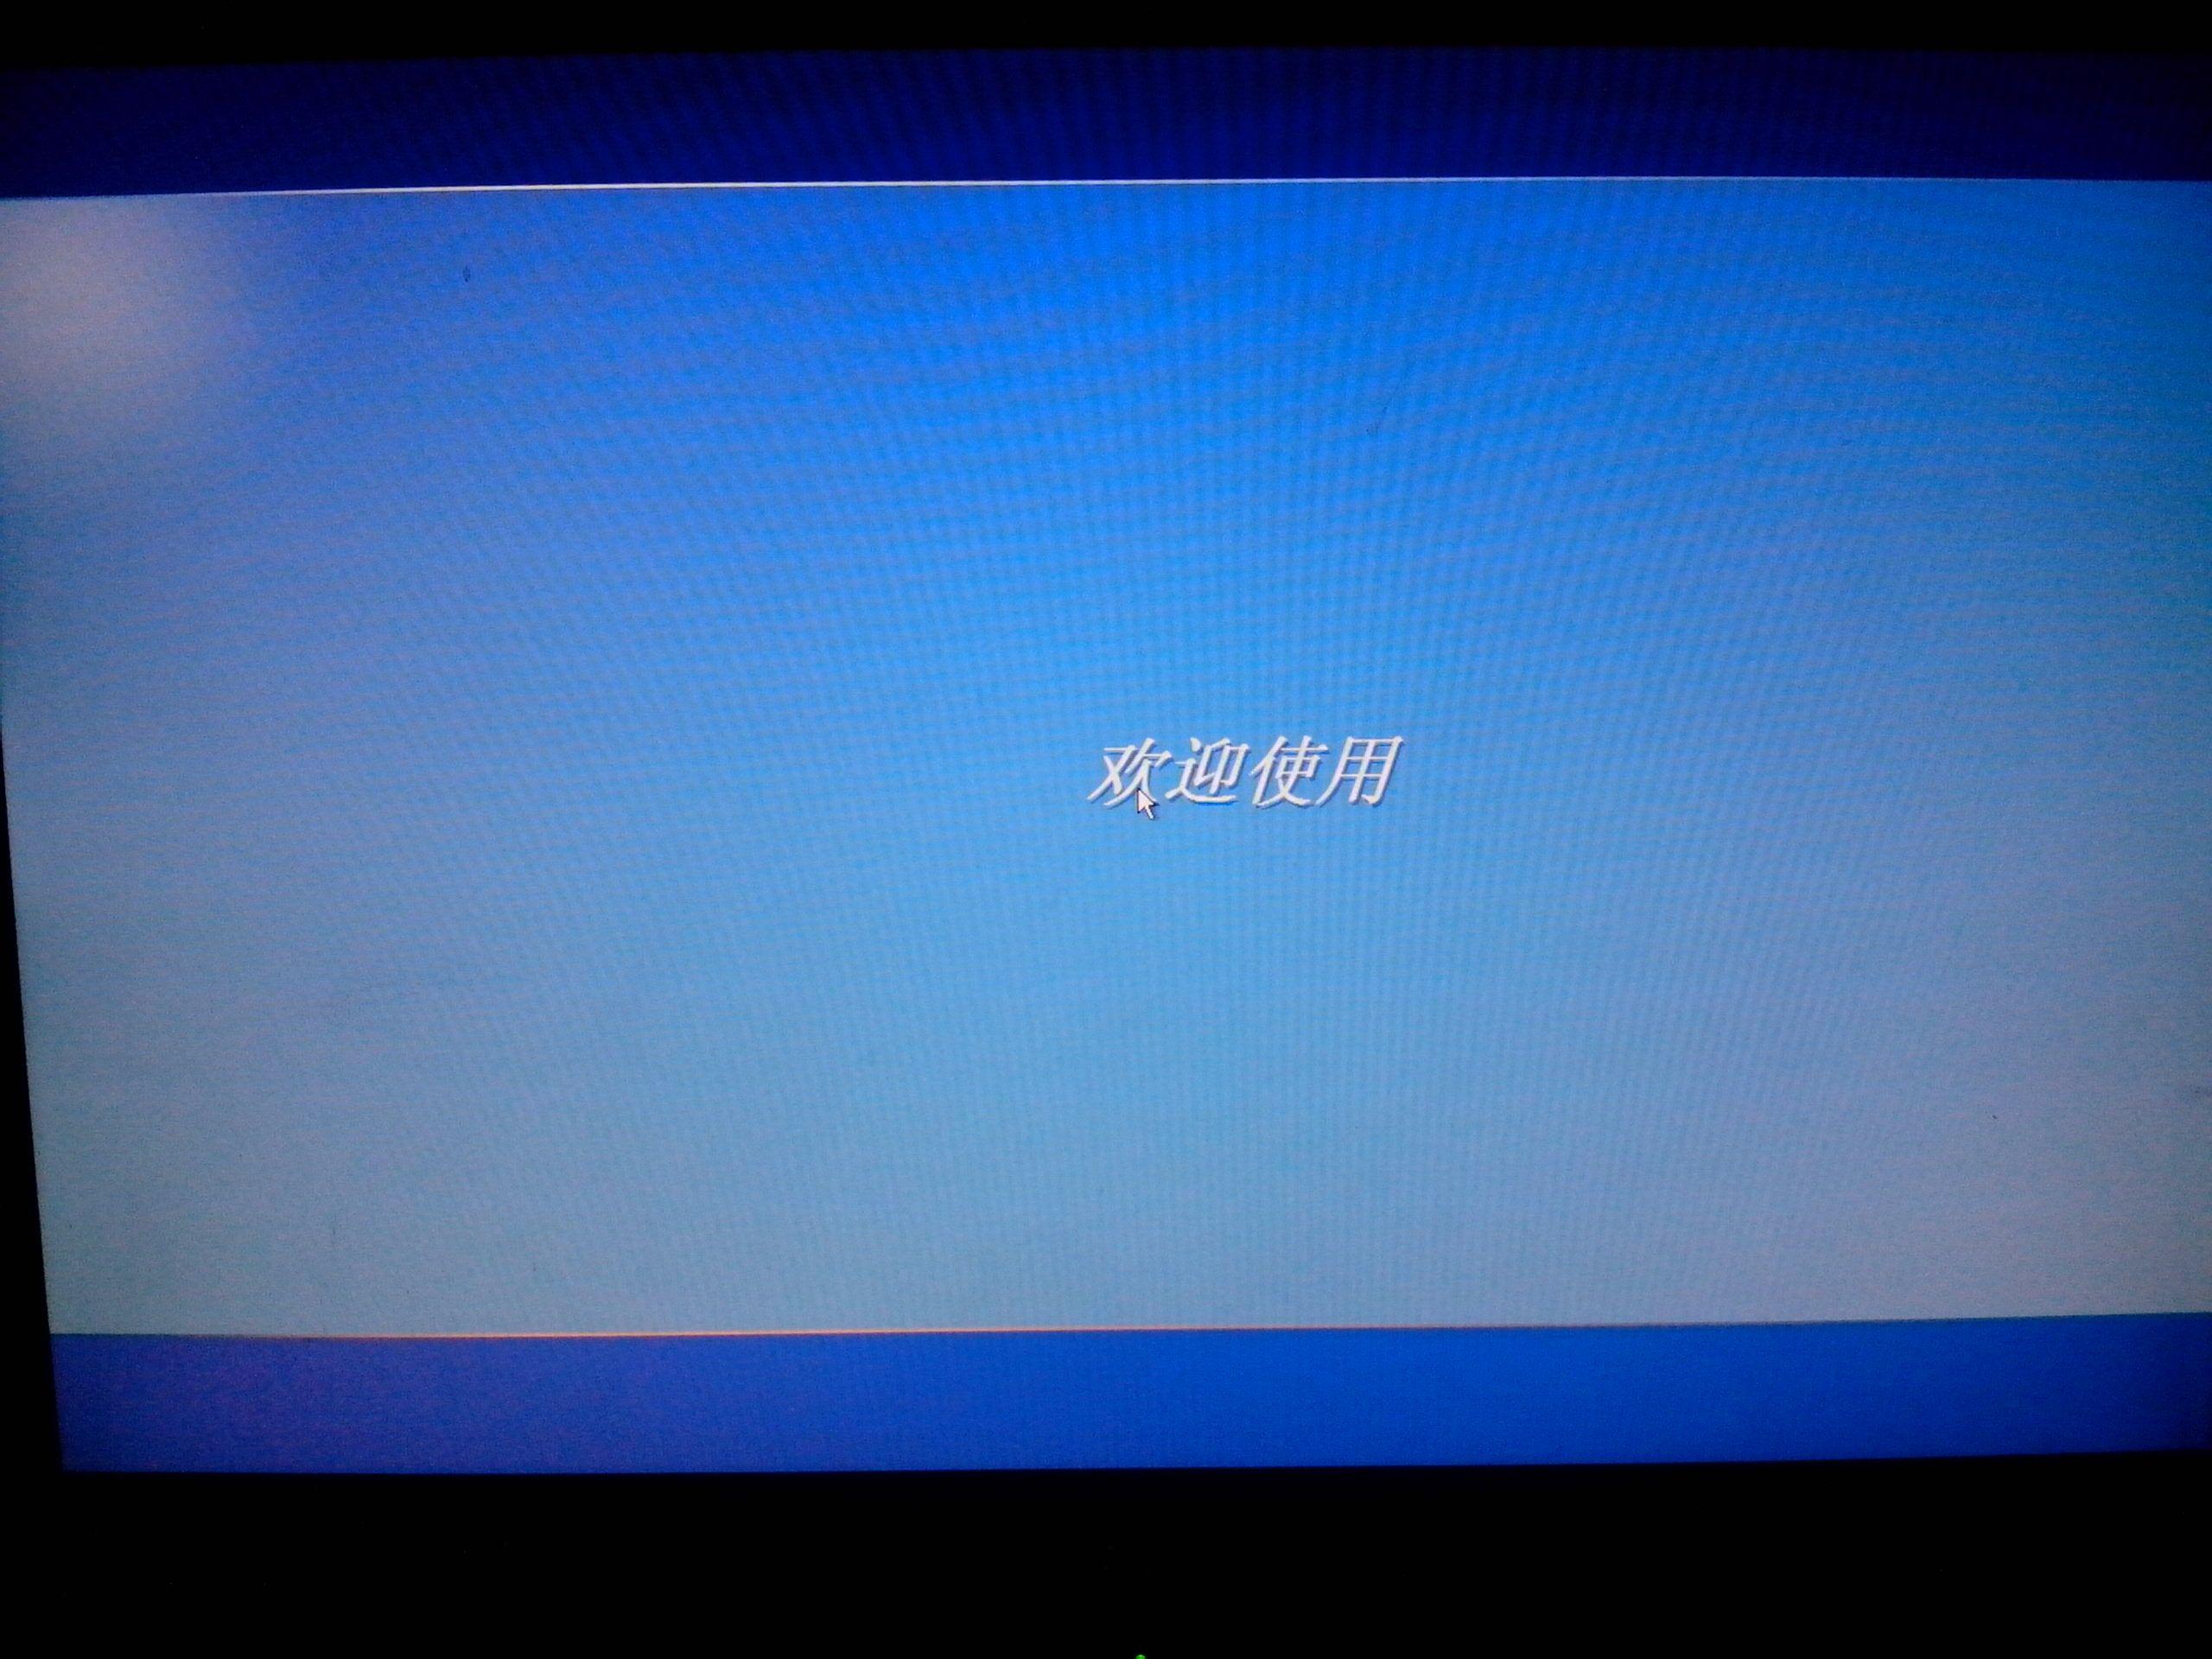 电脑进入系统时重启_电脑开机后显示windows正在恢复 电脑开机ndows电脑